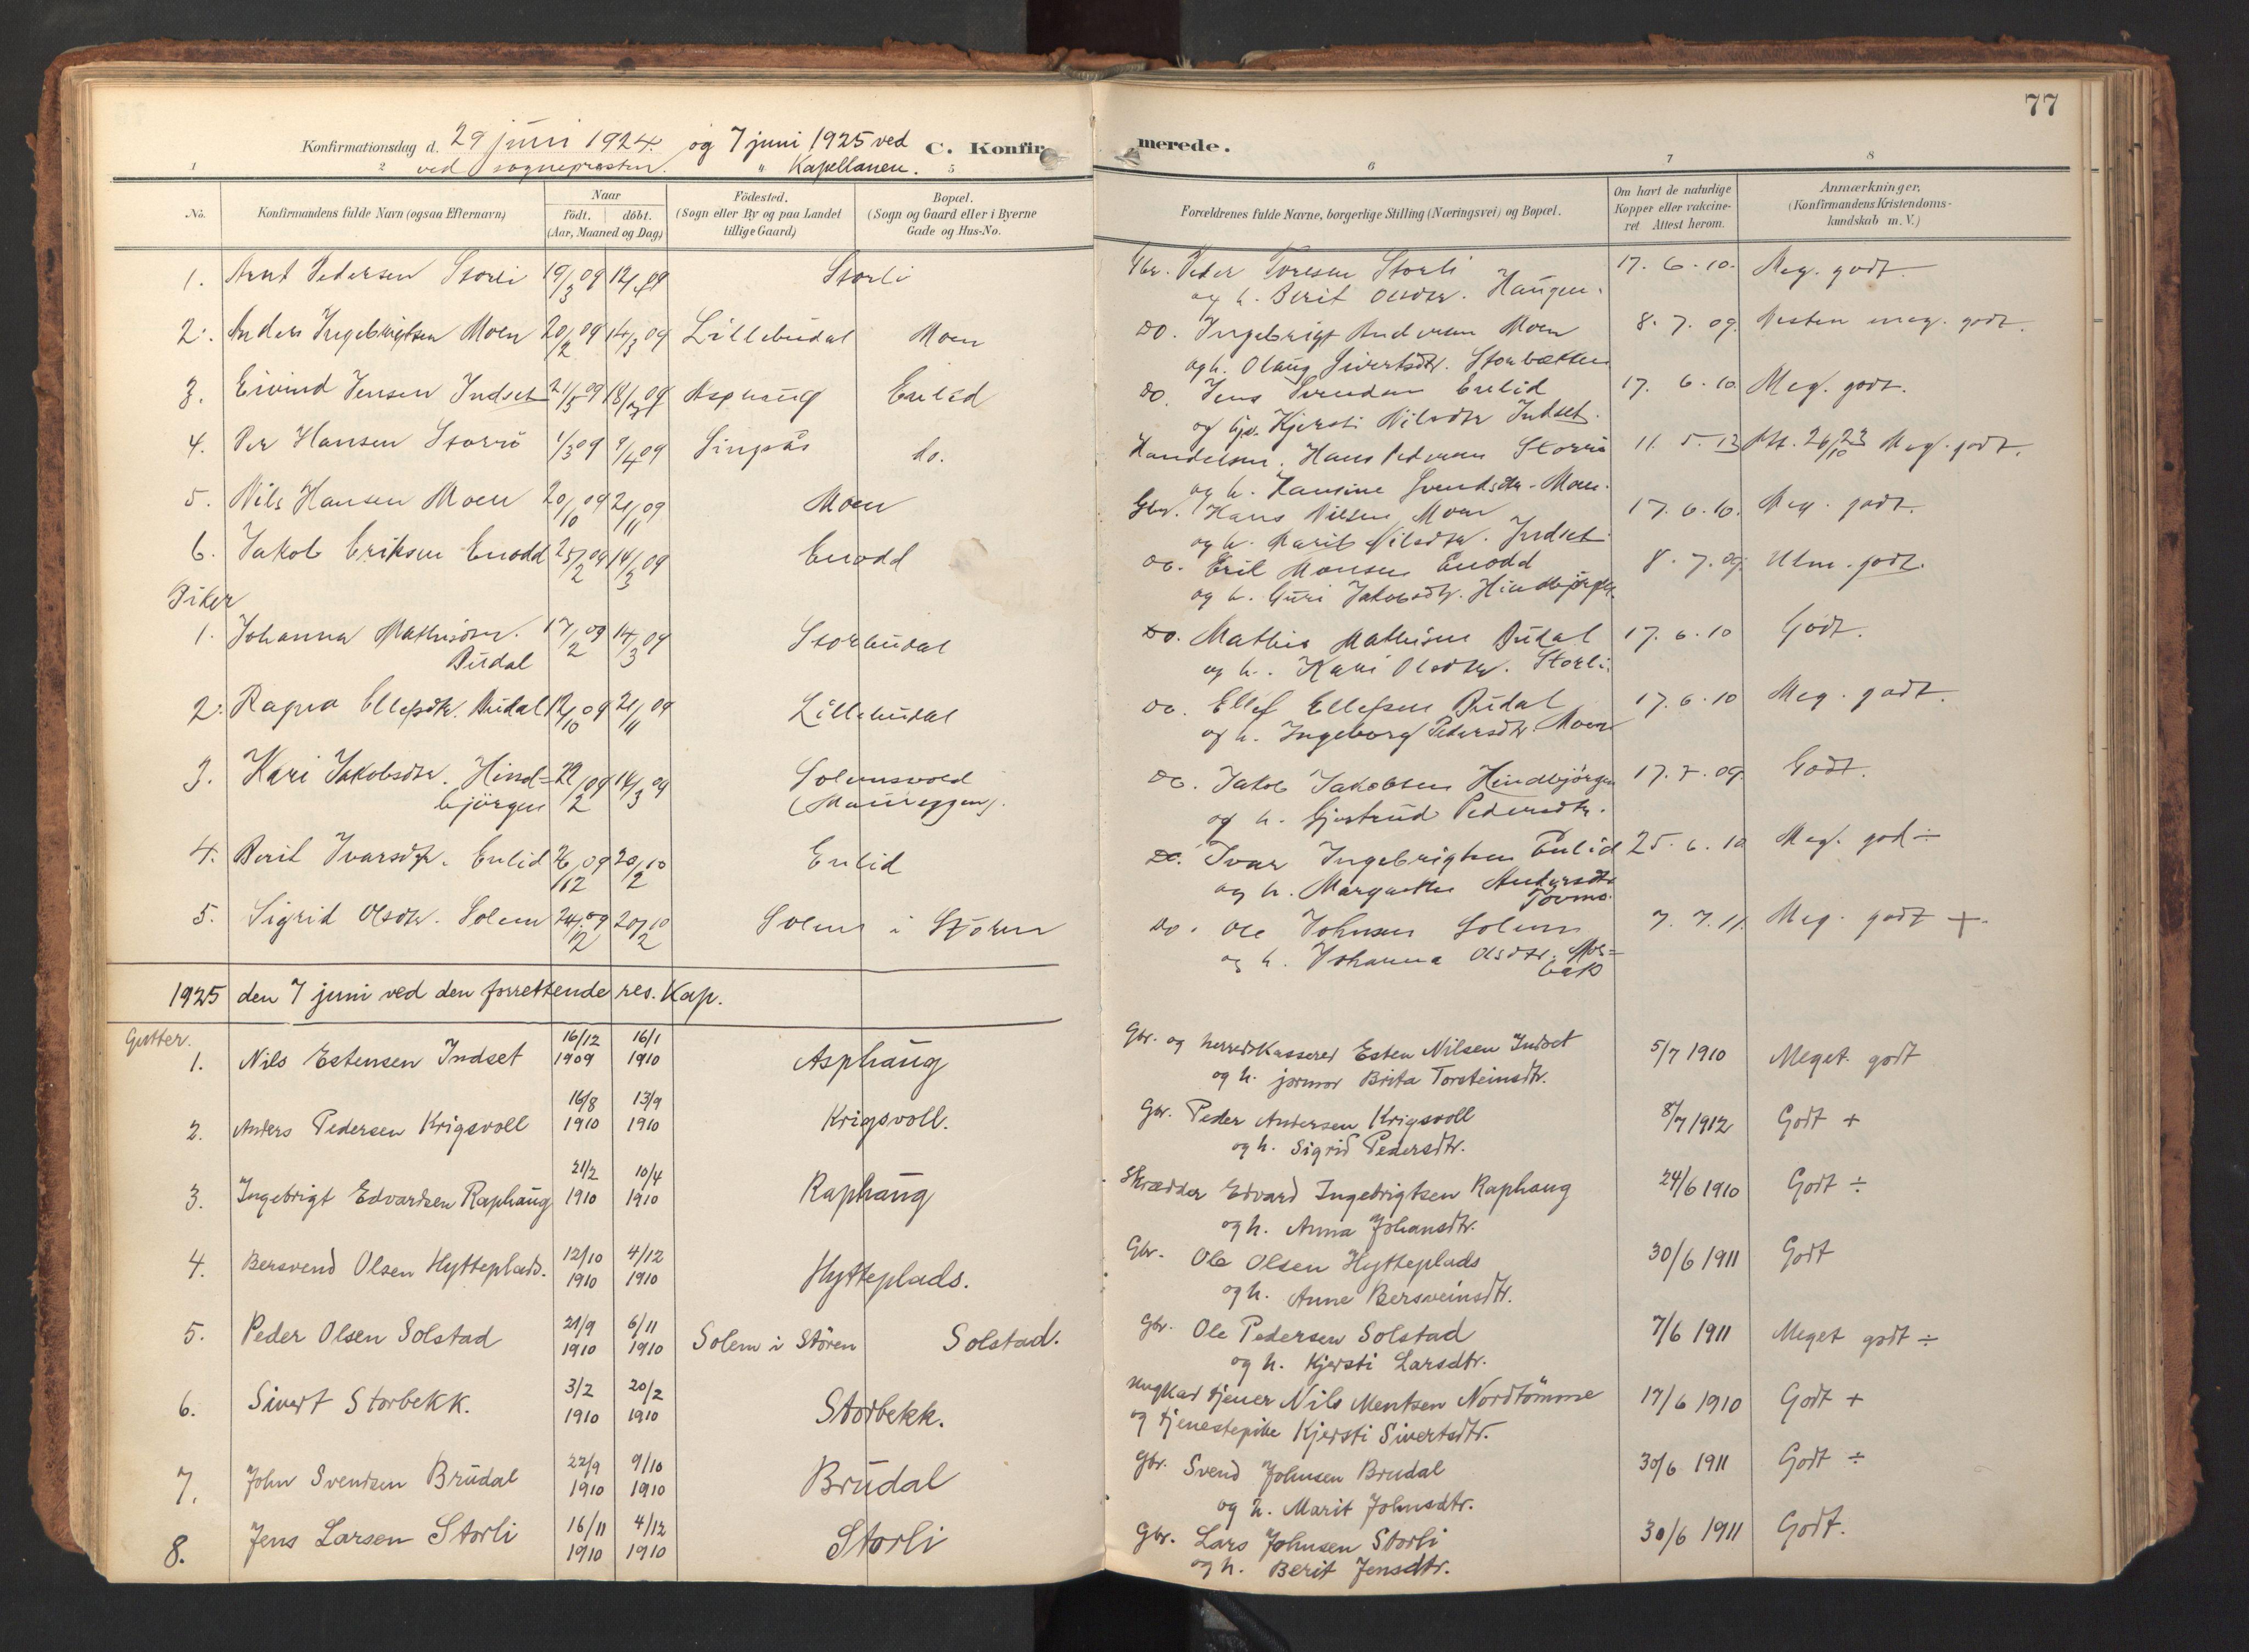 SAT, Ministerialprotokoller, klokkerbøker og fødselsregistre - Sør-Trøndelag, 690/L1050: Ministerialbok nr. 690A01, 1889-1929, s. 77